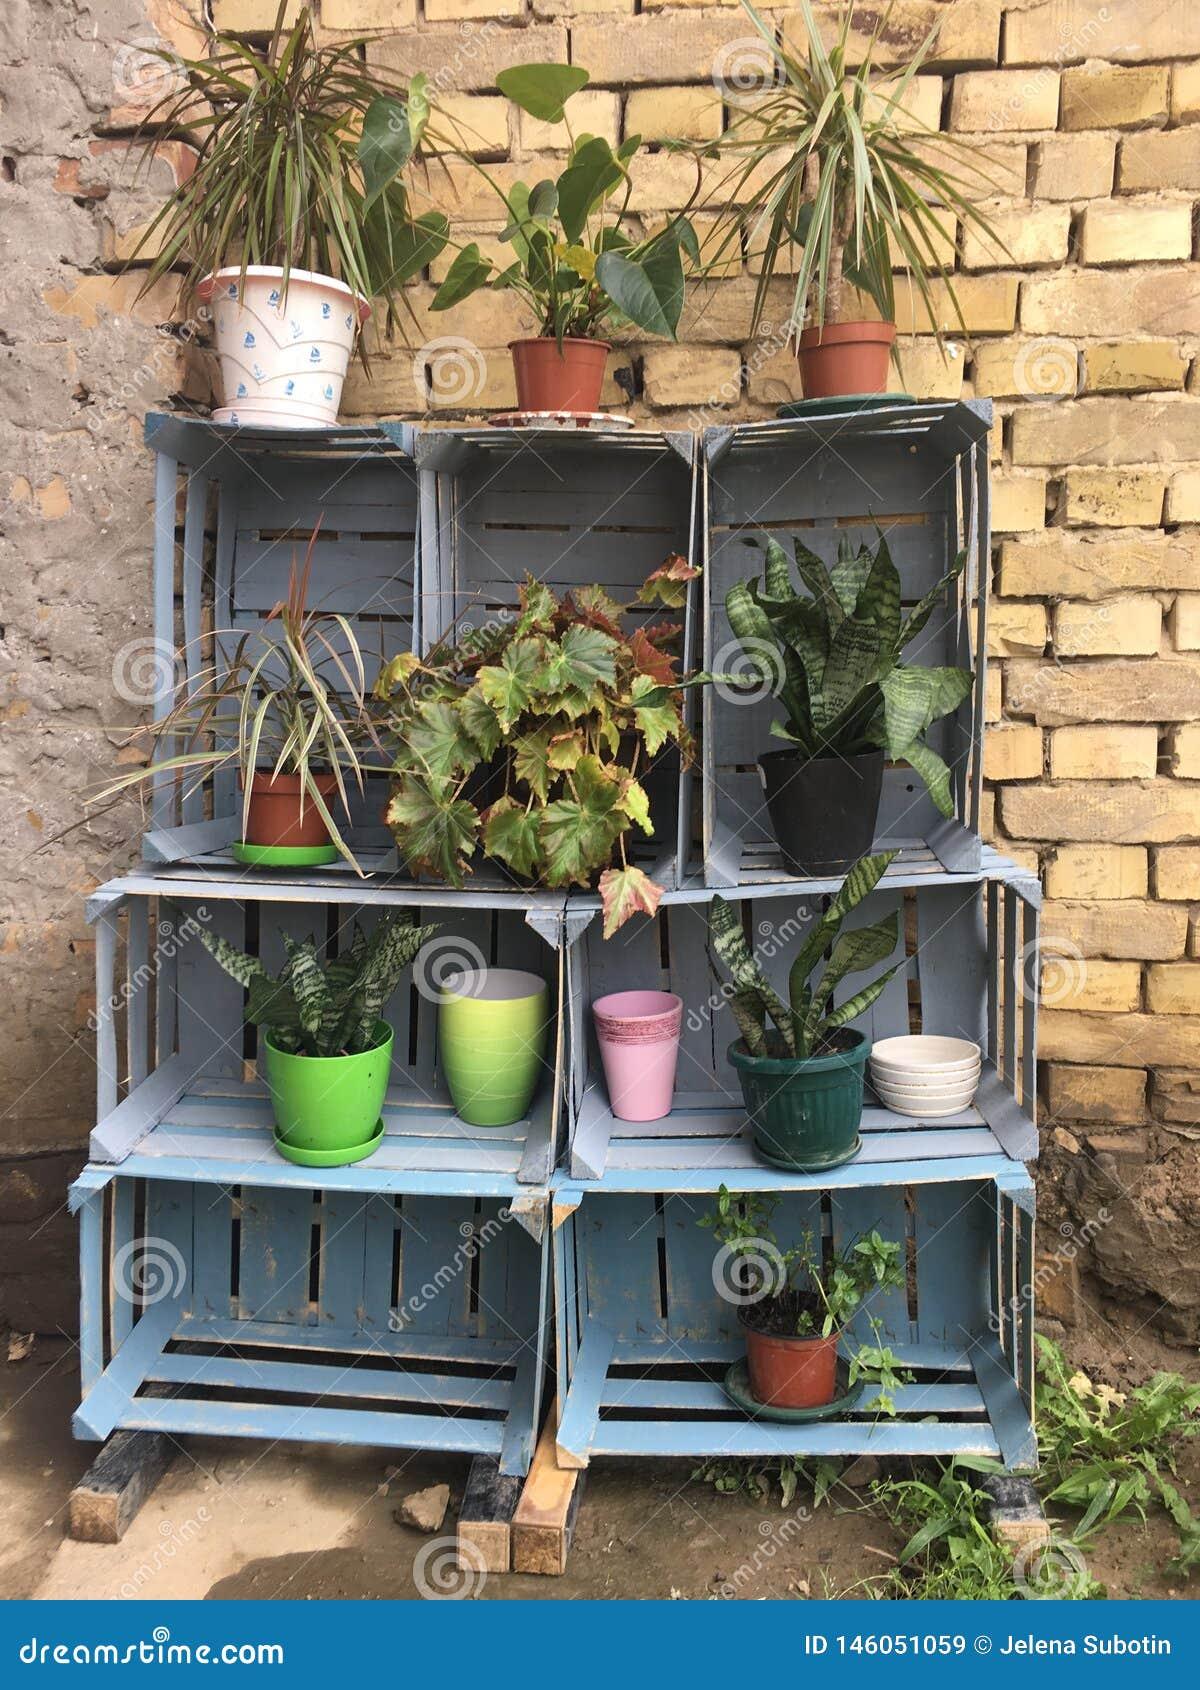 Plants in pots on shelves